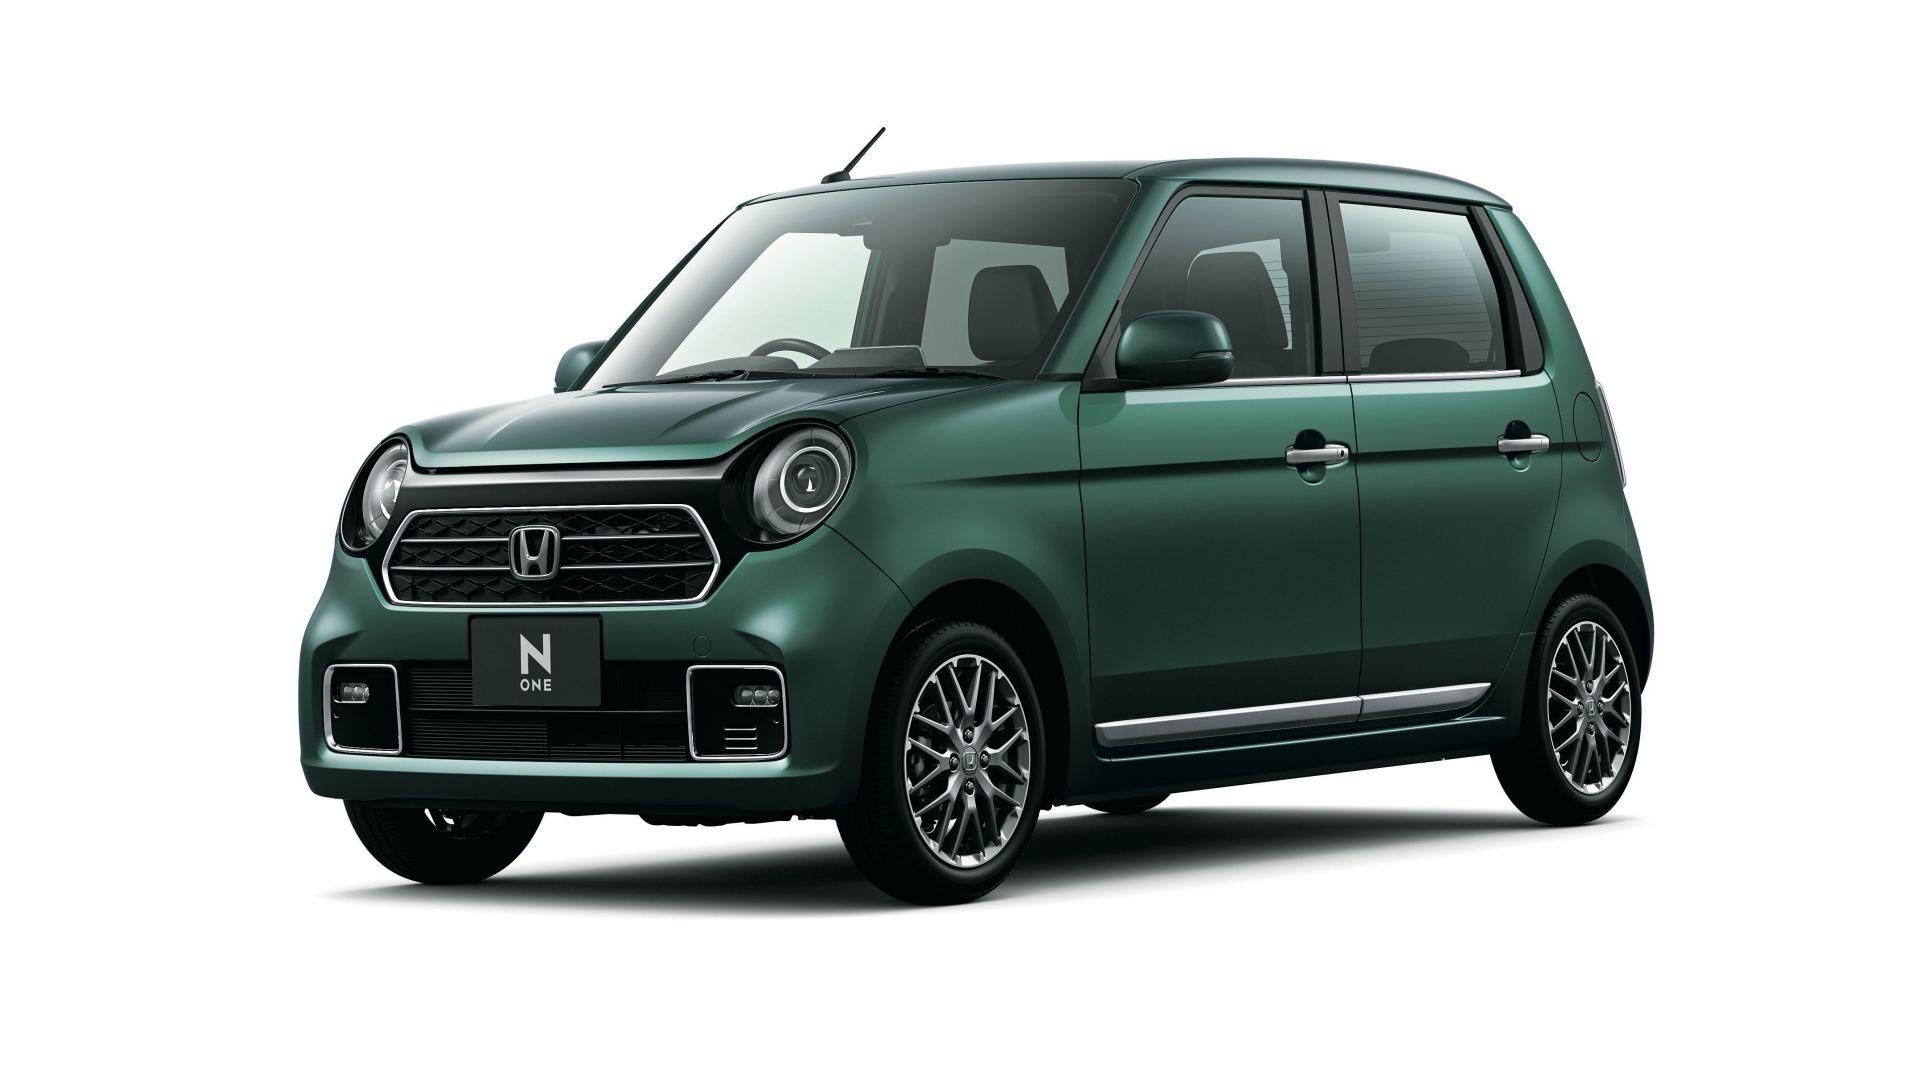 Honda-N-One-2020-7